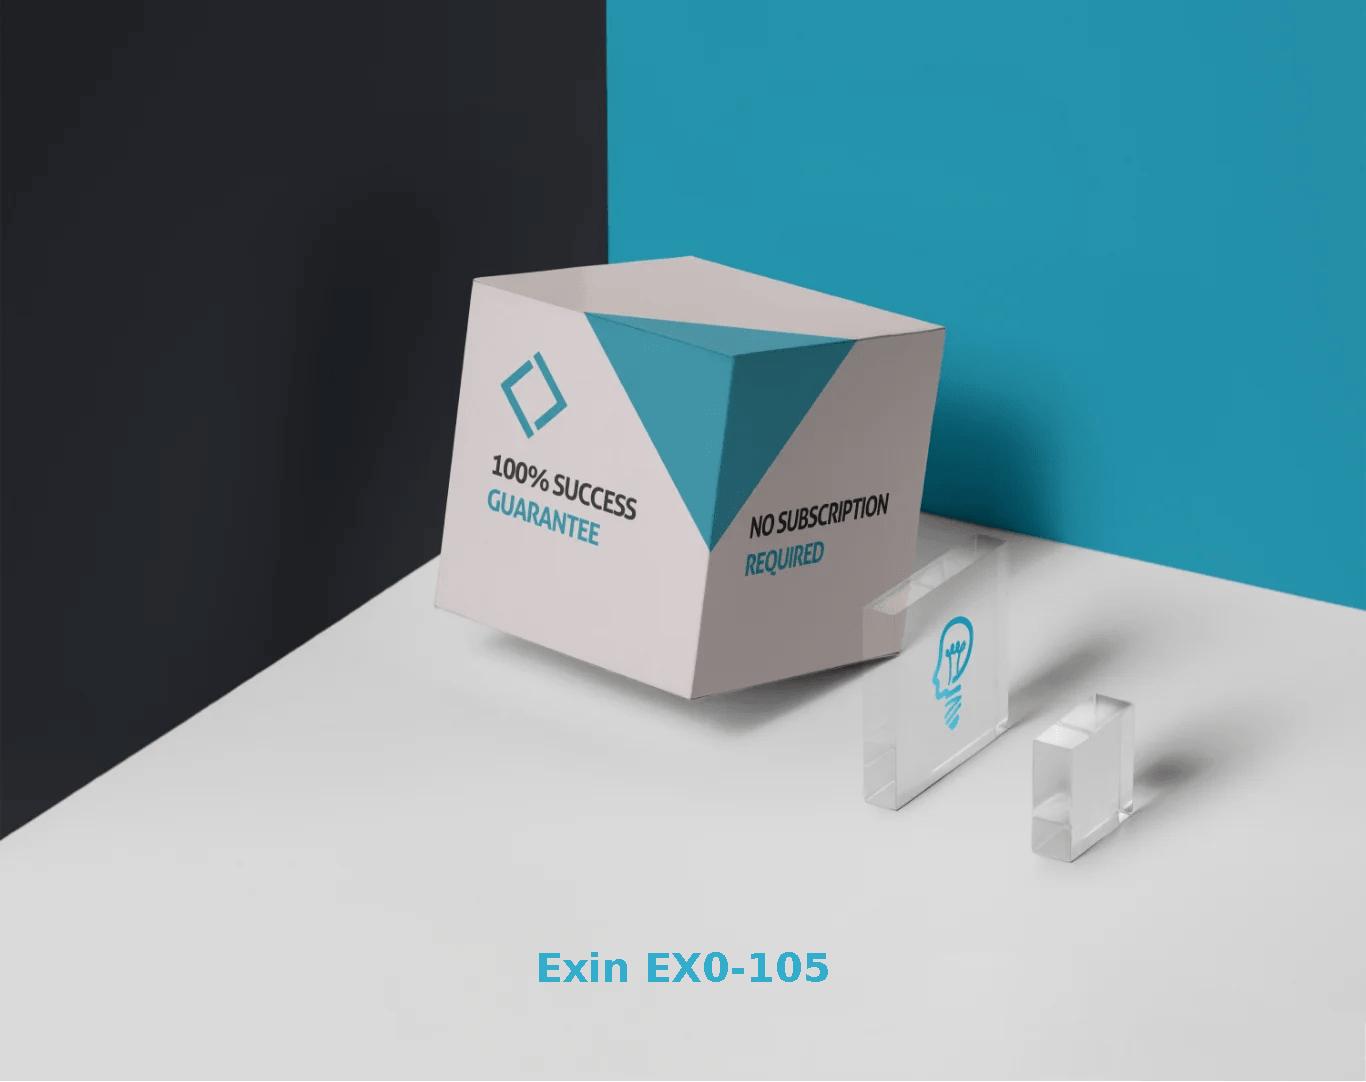 Exin EX0-105 Exams